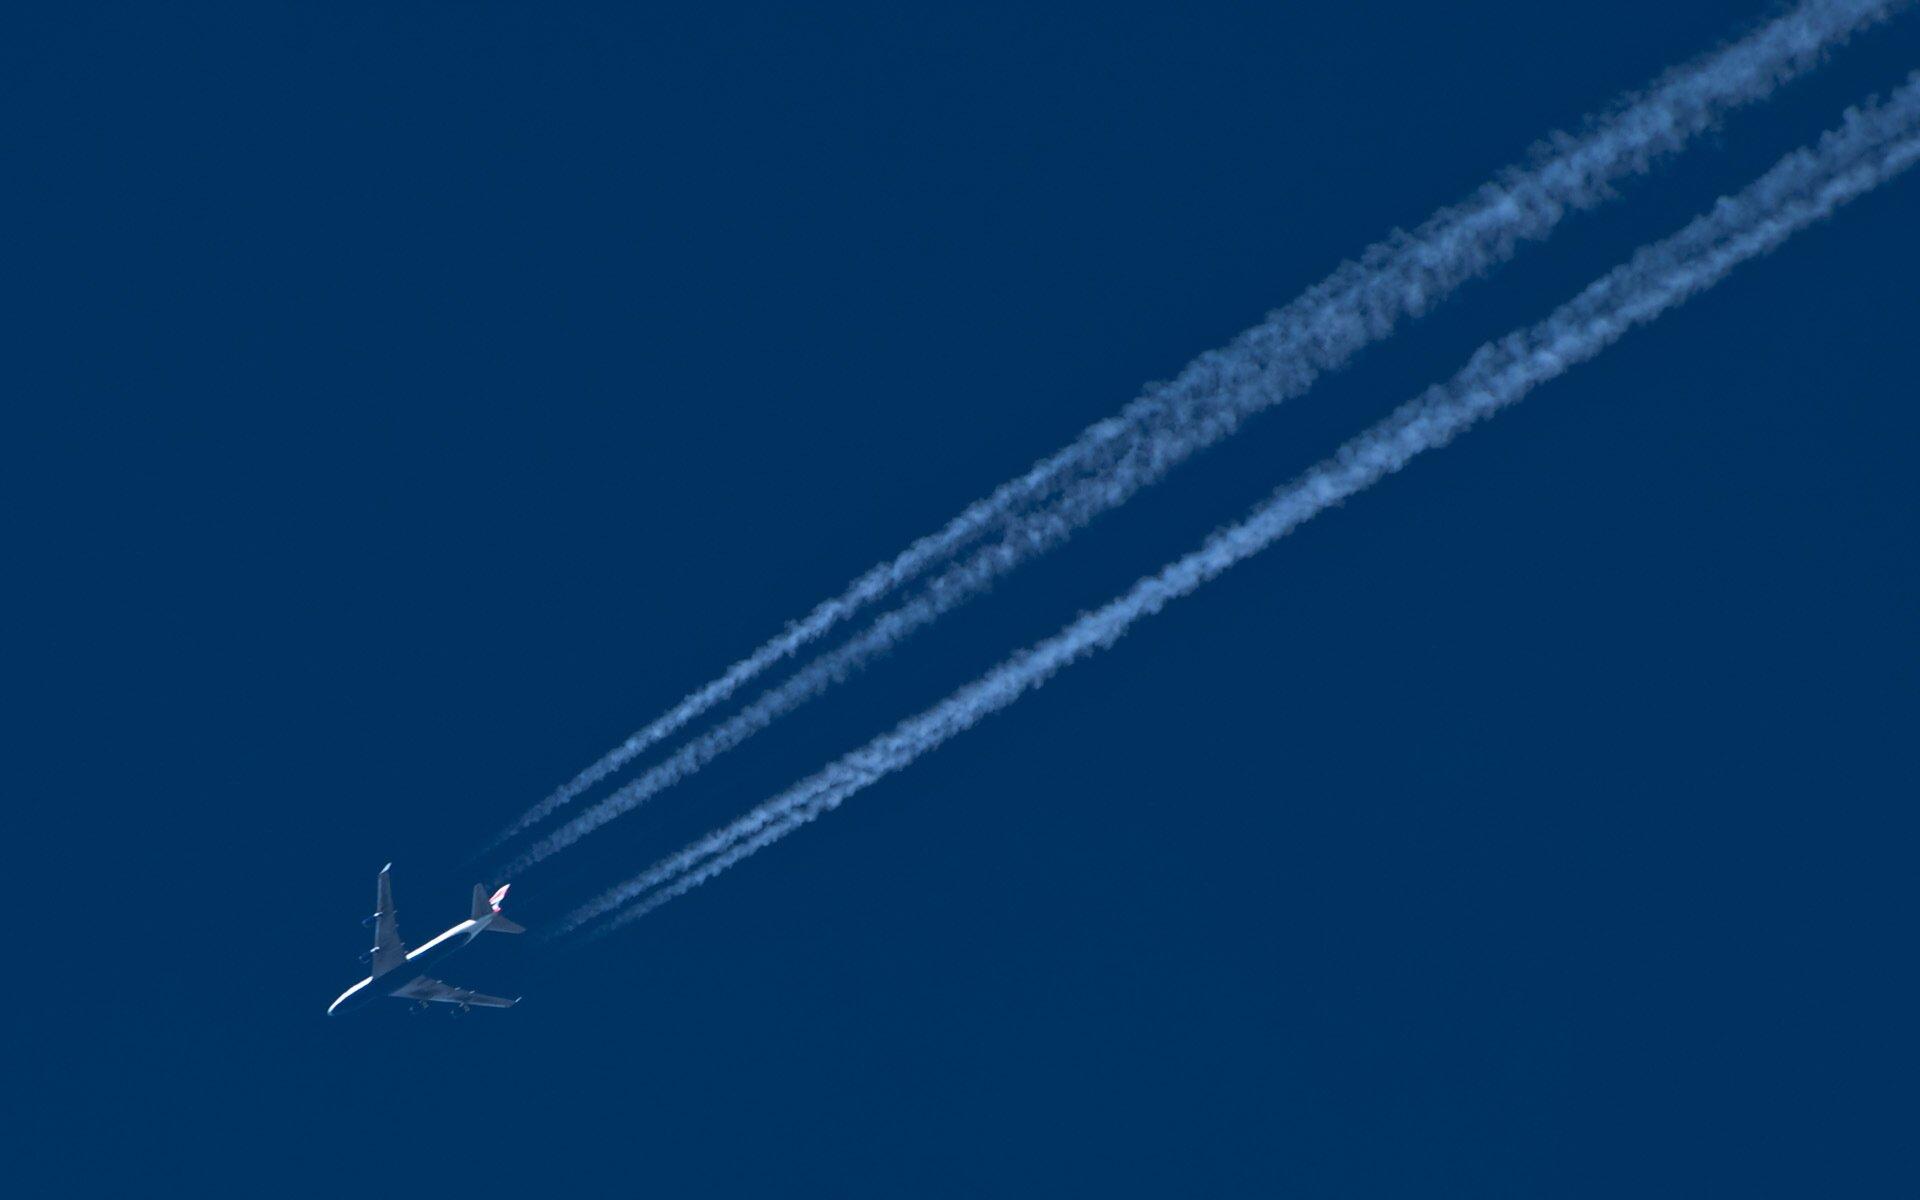 Zdjęcie przedstawia lecący samolot. Tłem jest niebieskie niebo. Samolot piały. Za samolotem widoczne białe linie przypominające chmury. Linie zaznaczają tor ruchu, po którym poruszał się samolot.